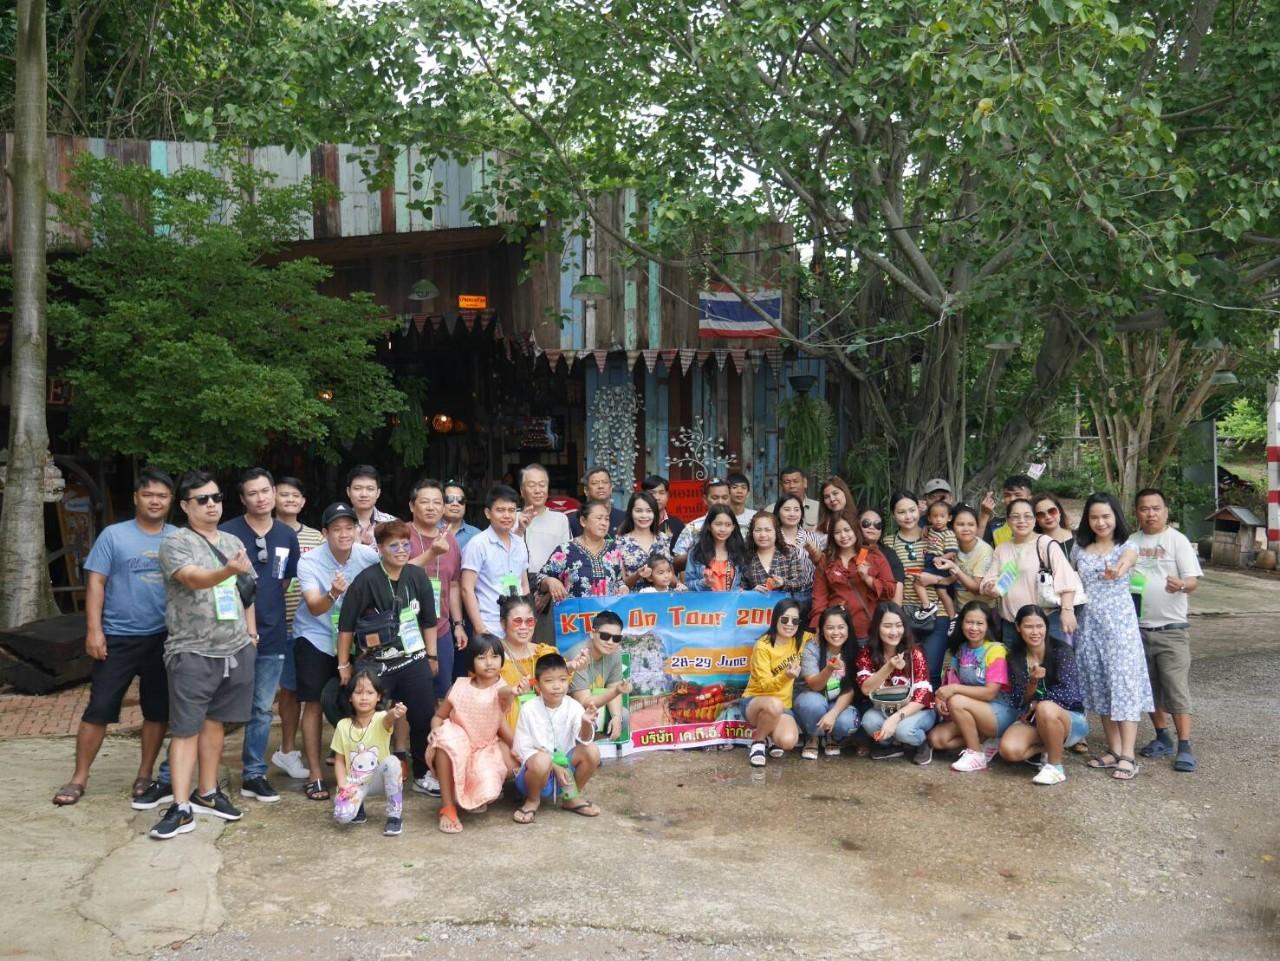 ท่องเที่ยวประจำปี2019 บริษัท เค.ที.อี.จำกัด สวนผึ้ง ราชบุรี 28-29 มิถุนายน 2562